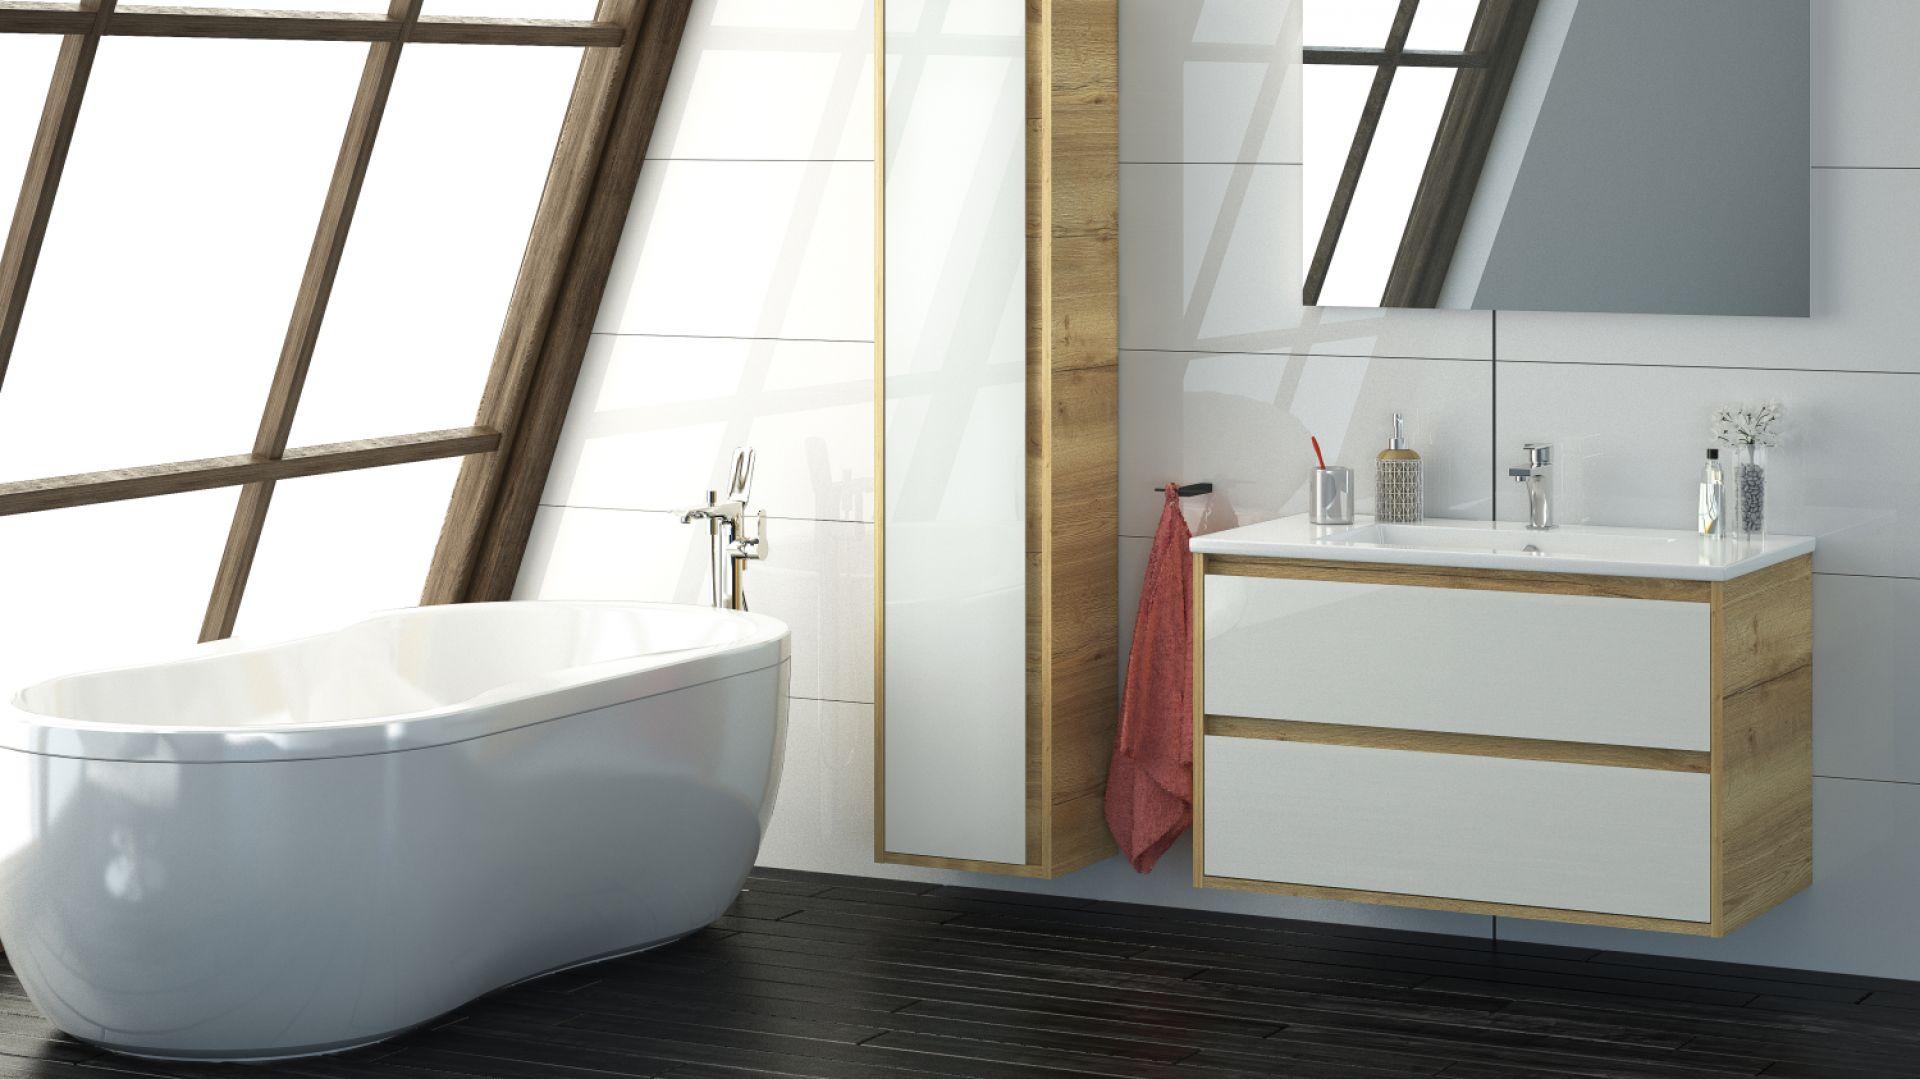 Meble łazienkowe z kolekcji Cristal firmy Devo. Fot. Devo, www.devo.pl